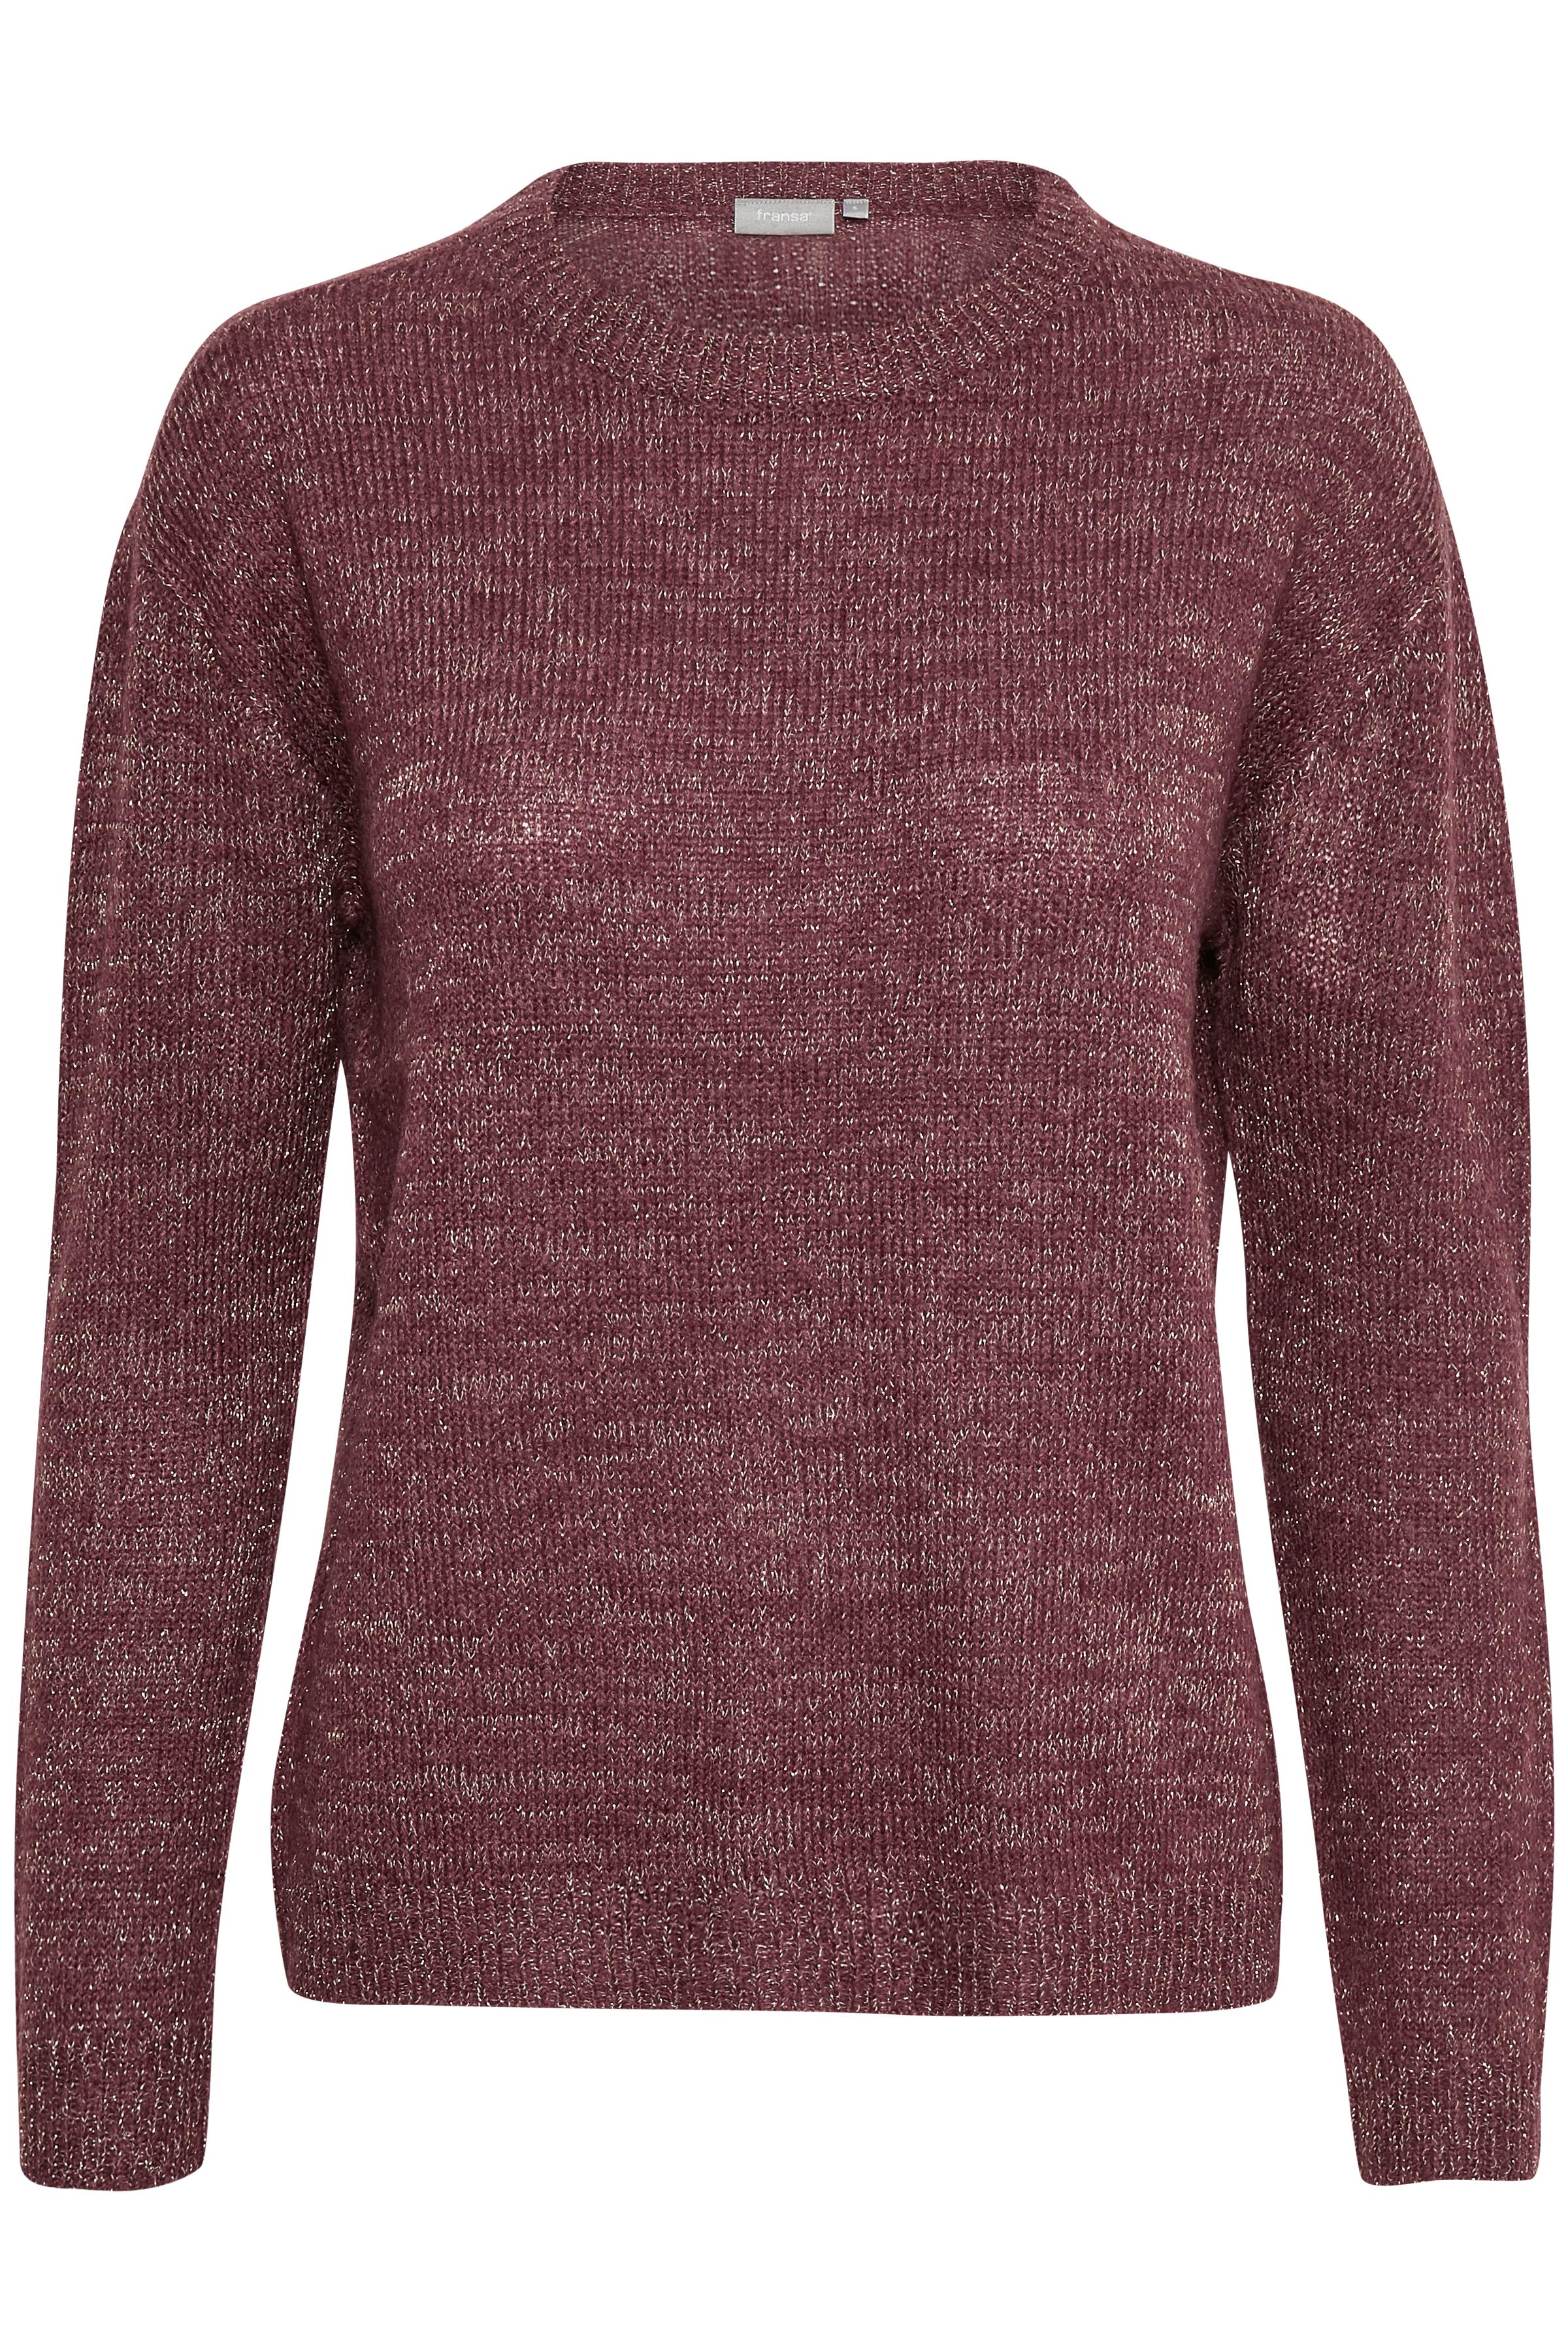 Bordeauxmelerad Stickad pullover från Fransa – Köp Bordeauxmelerad Stickad pullover från stl. XS-XXL här